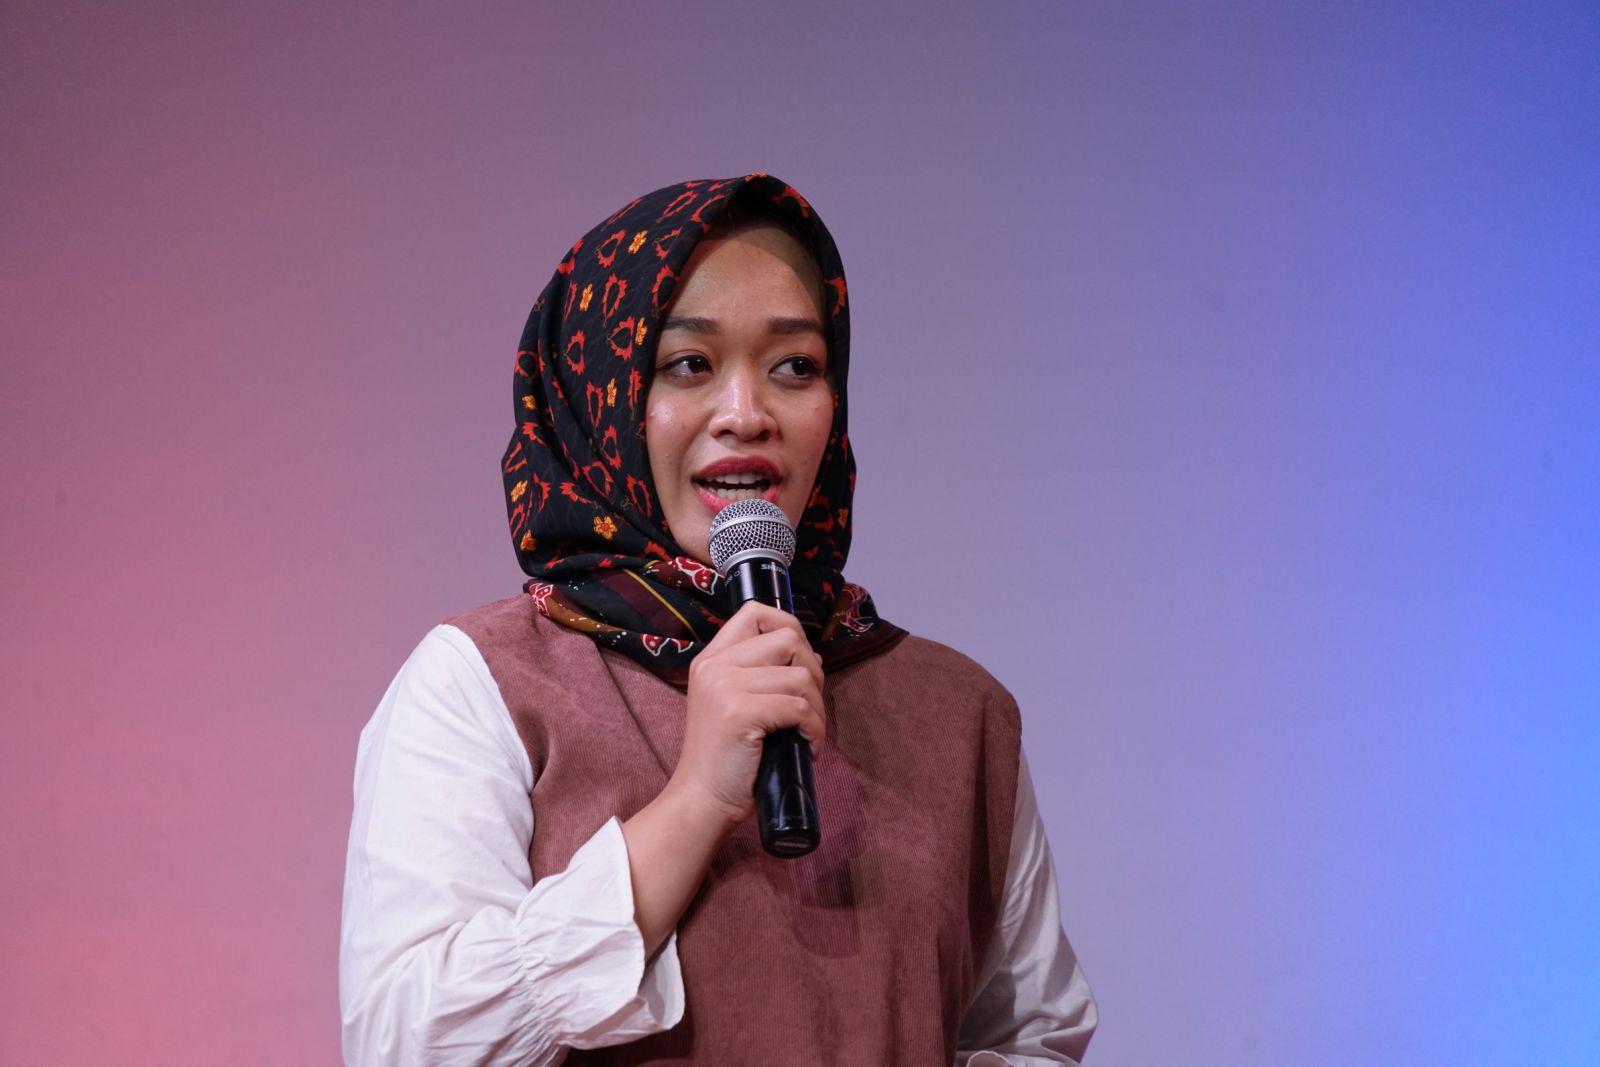 Specialpreneur, Wadah Bagi Para Difabel Jambi untuk Berwirausaha